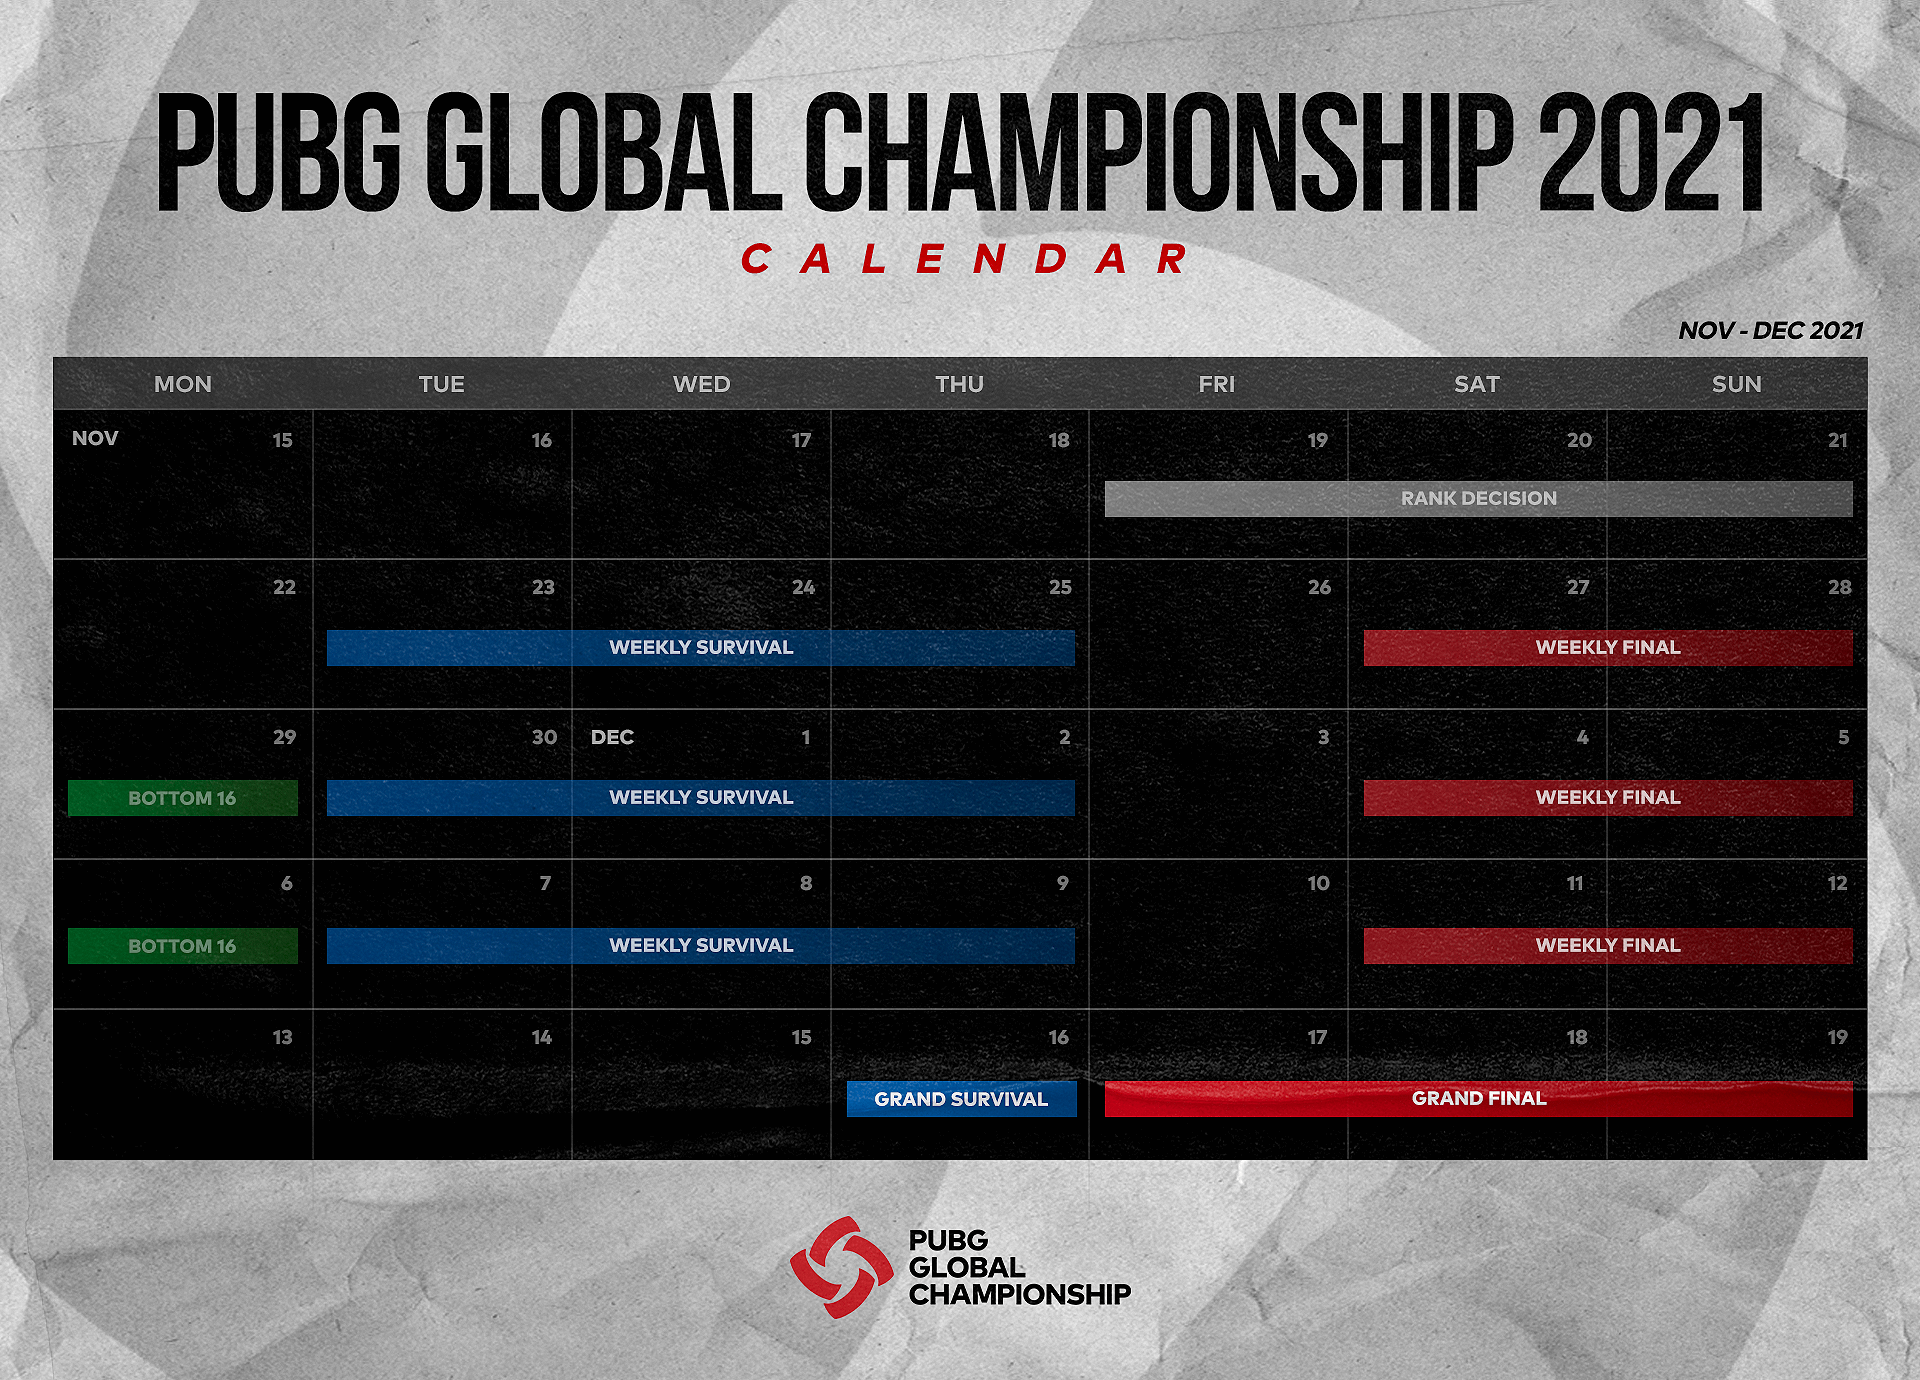 Calendário do PUBG Global Championship 2021